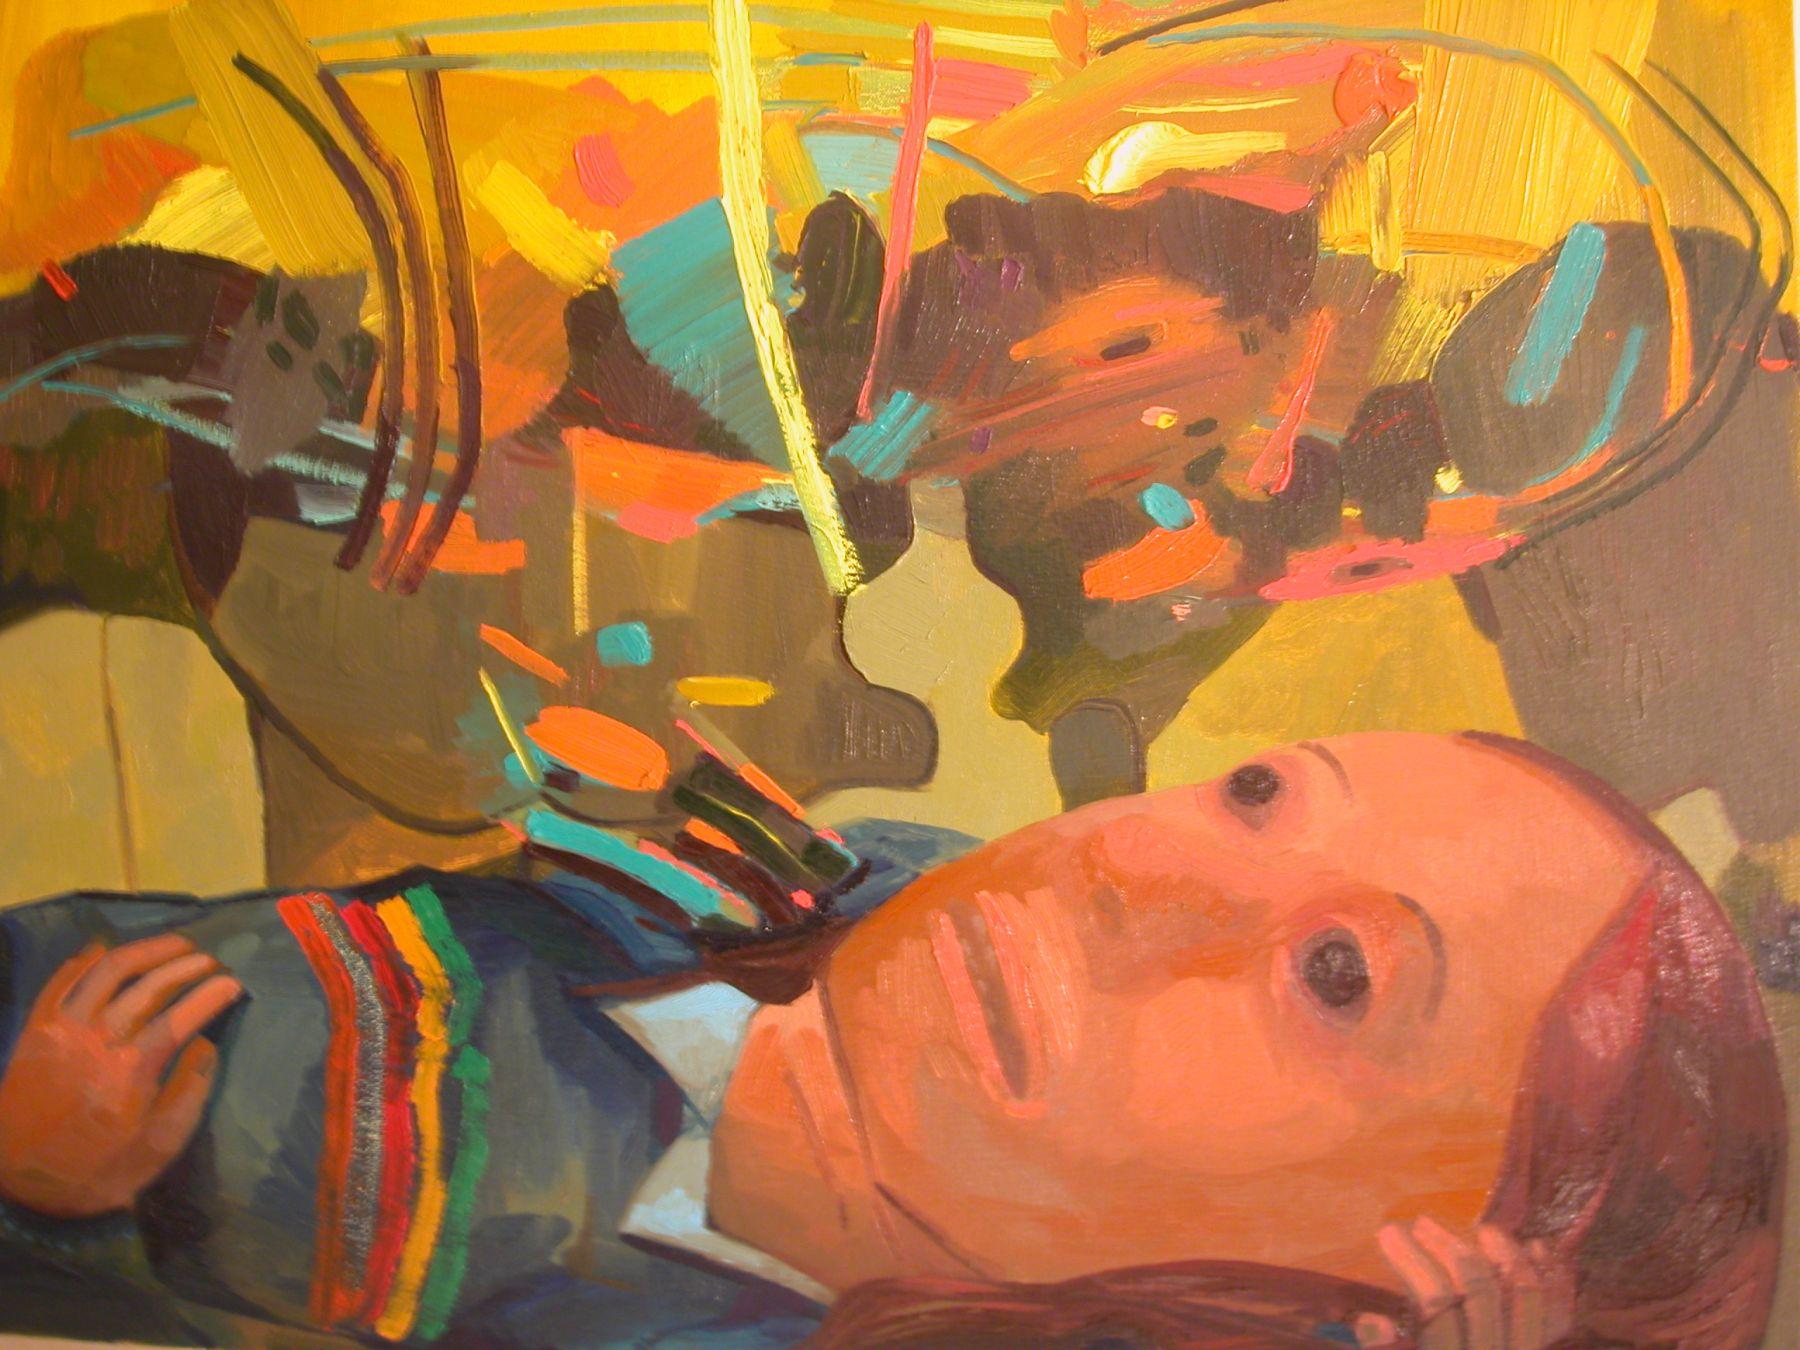 Dana Schutz,  Coma, 2005,  oil on canvas,  28 x 22 inches